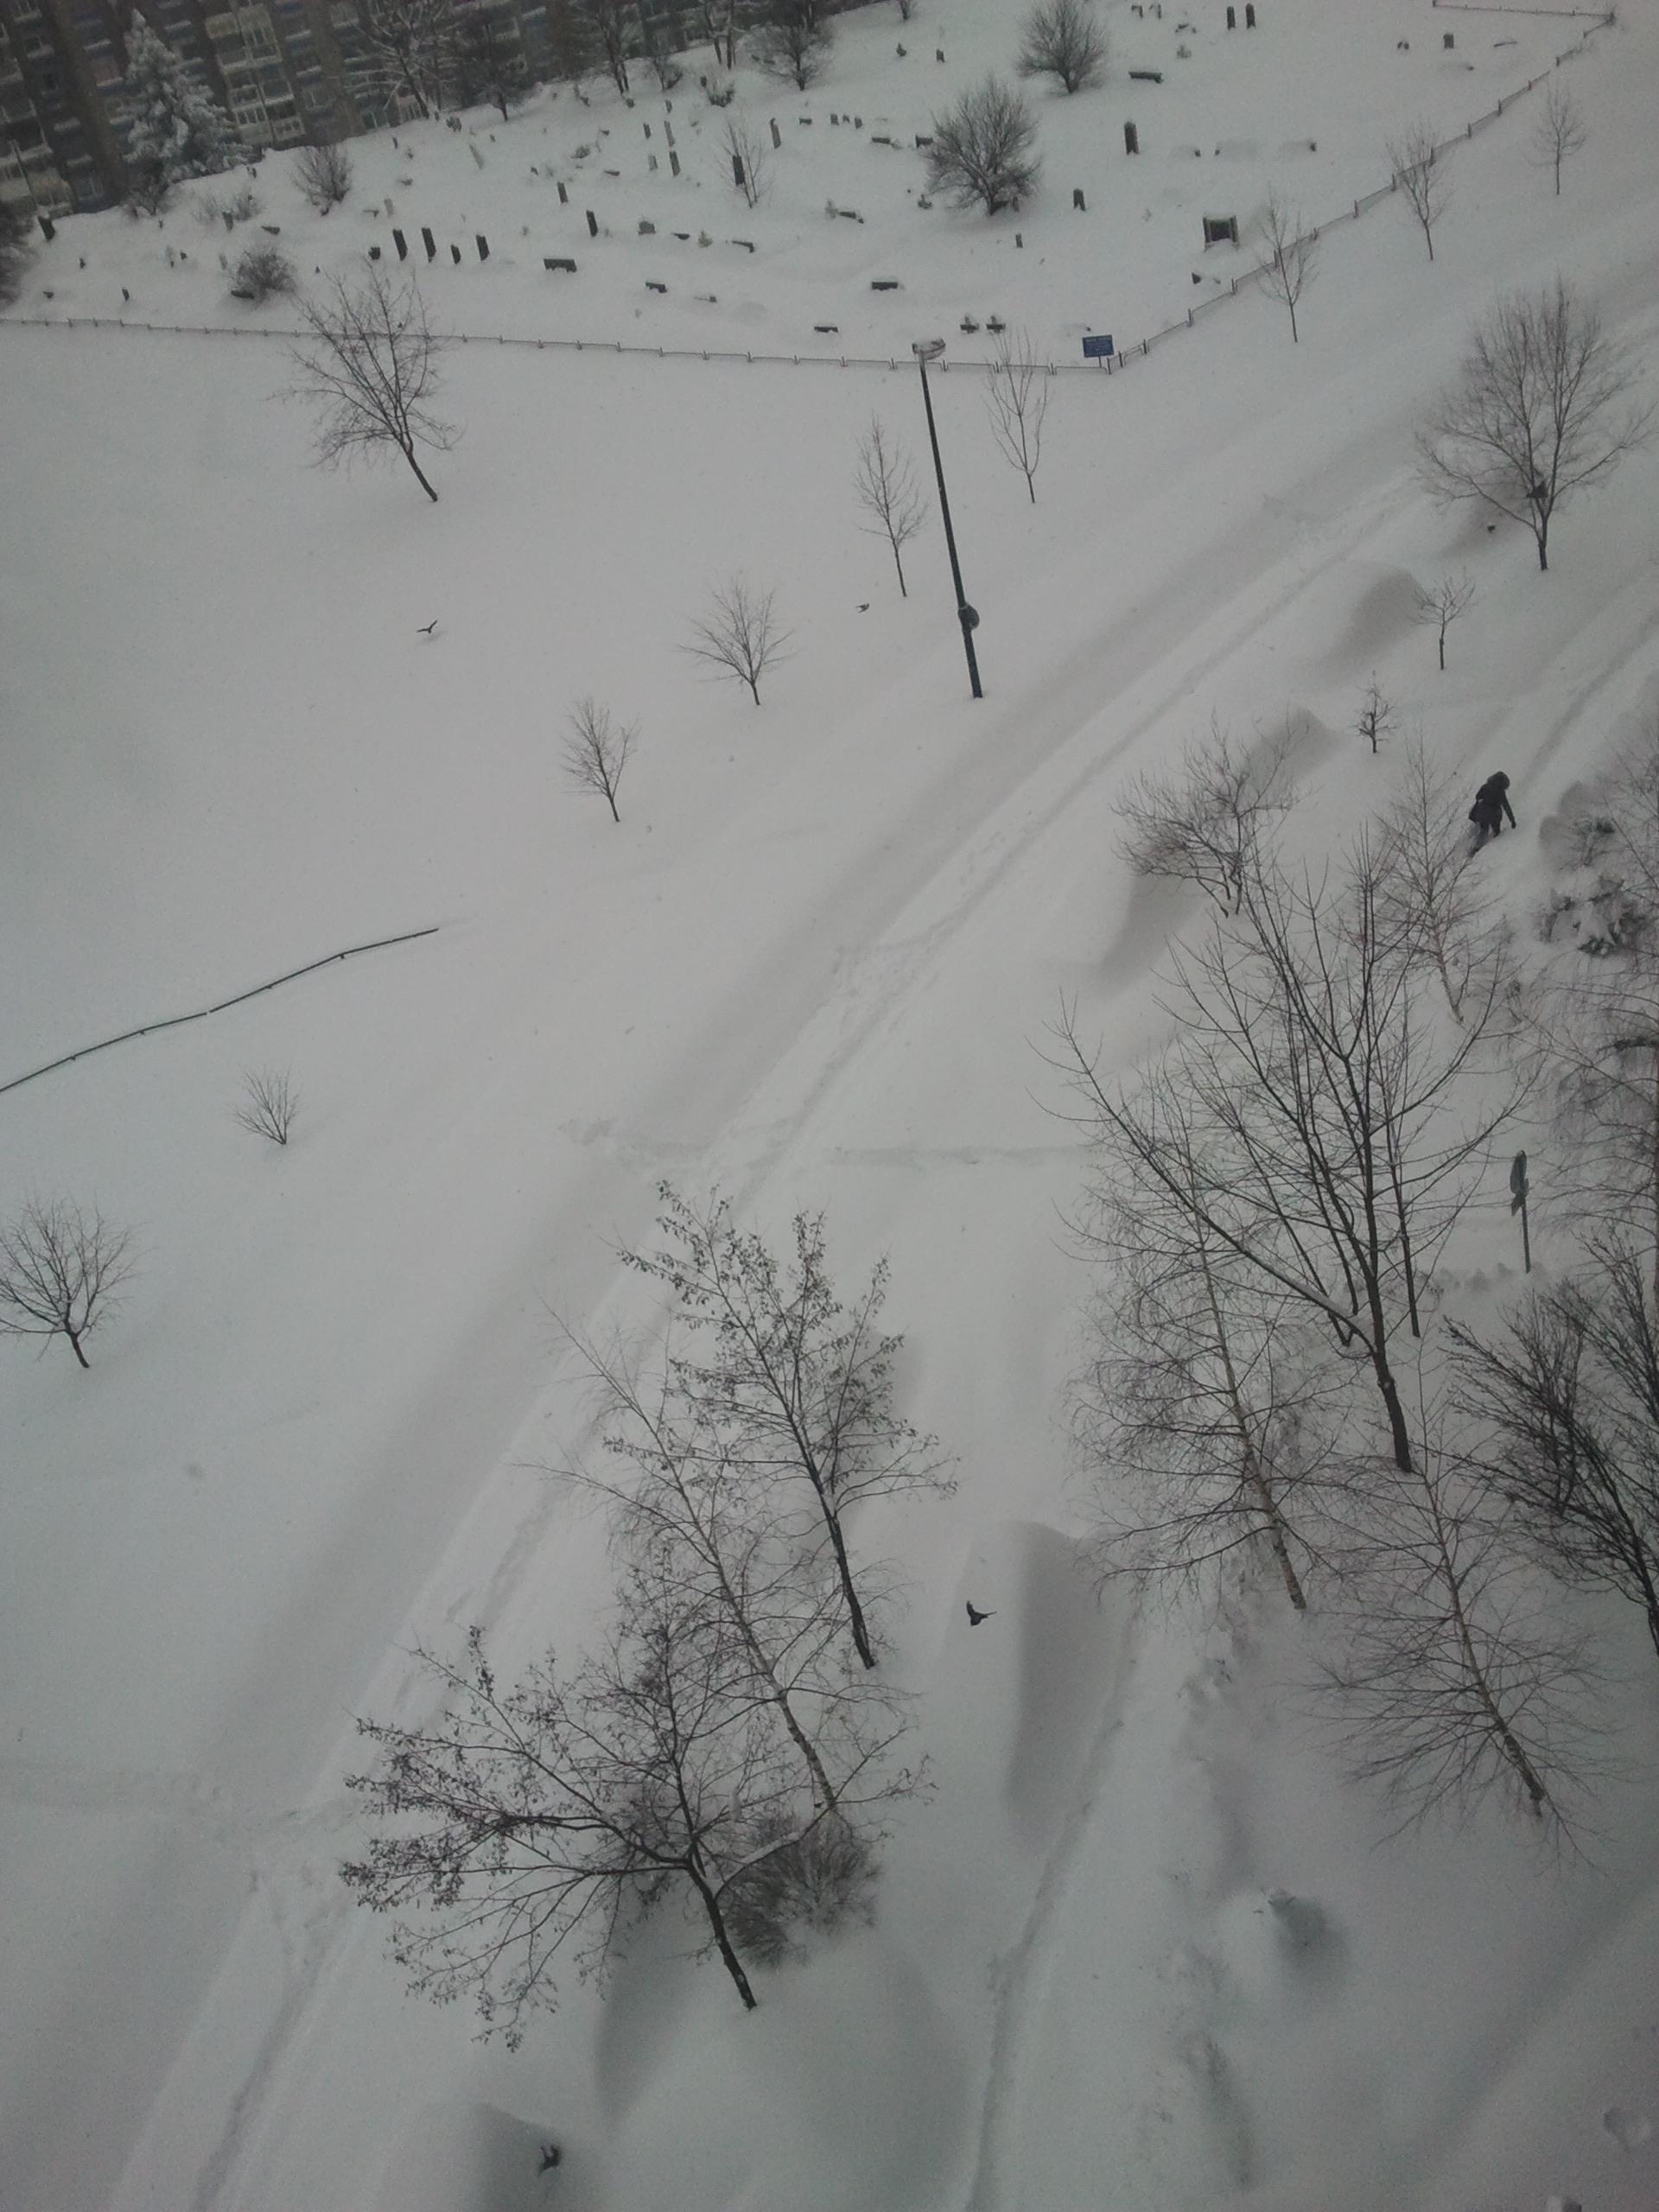 neige_sarajevo6.jpg